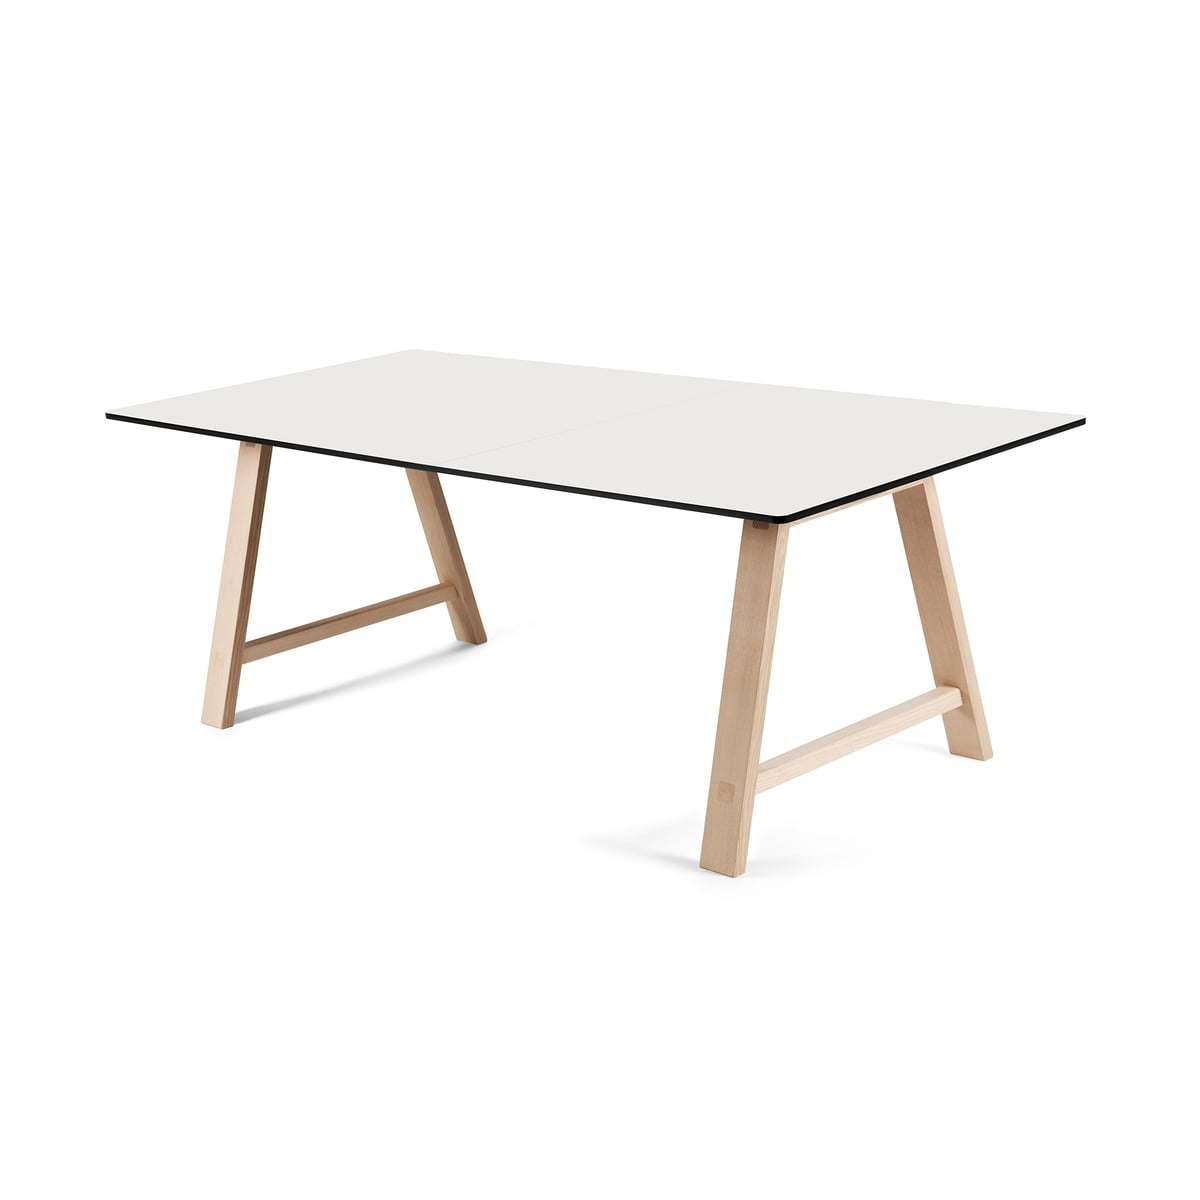 T1 extending table 160 cm andersen furniture for Design ausziehtisch